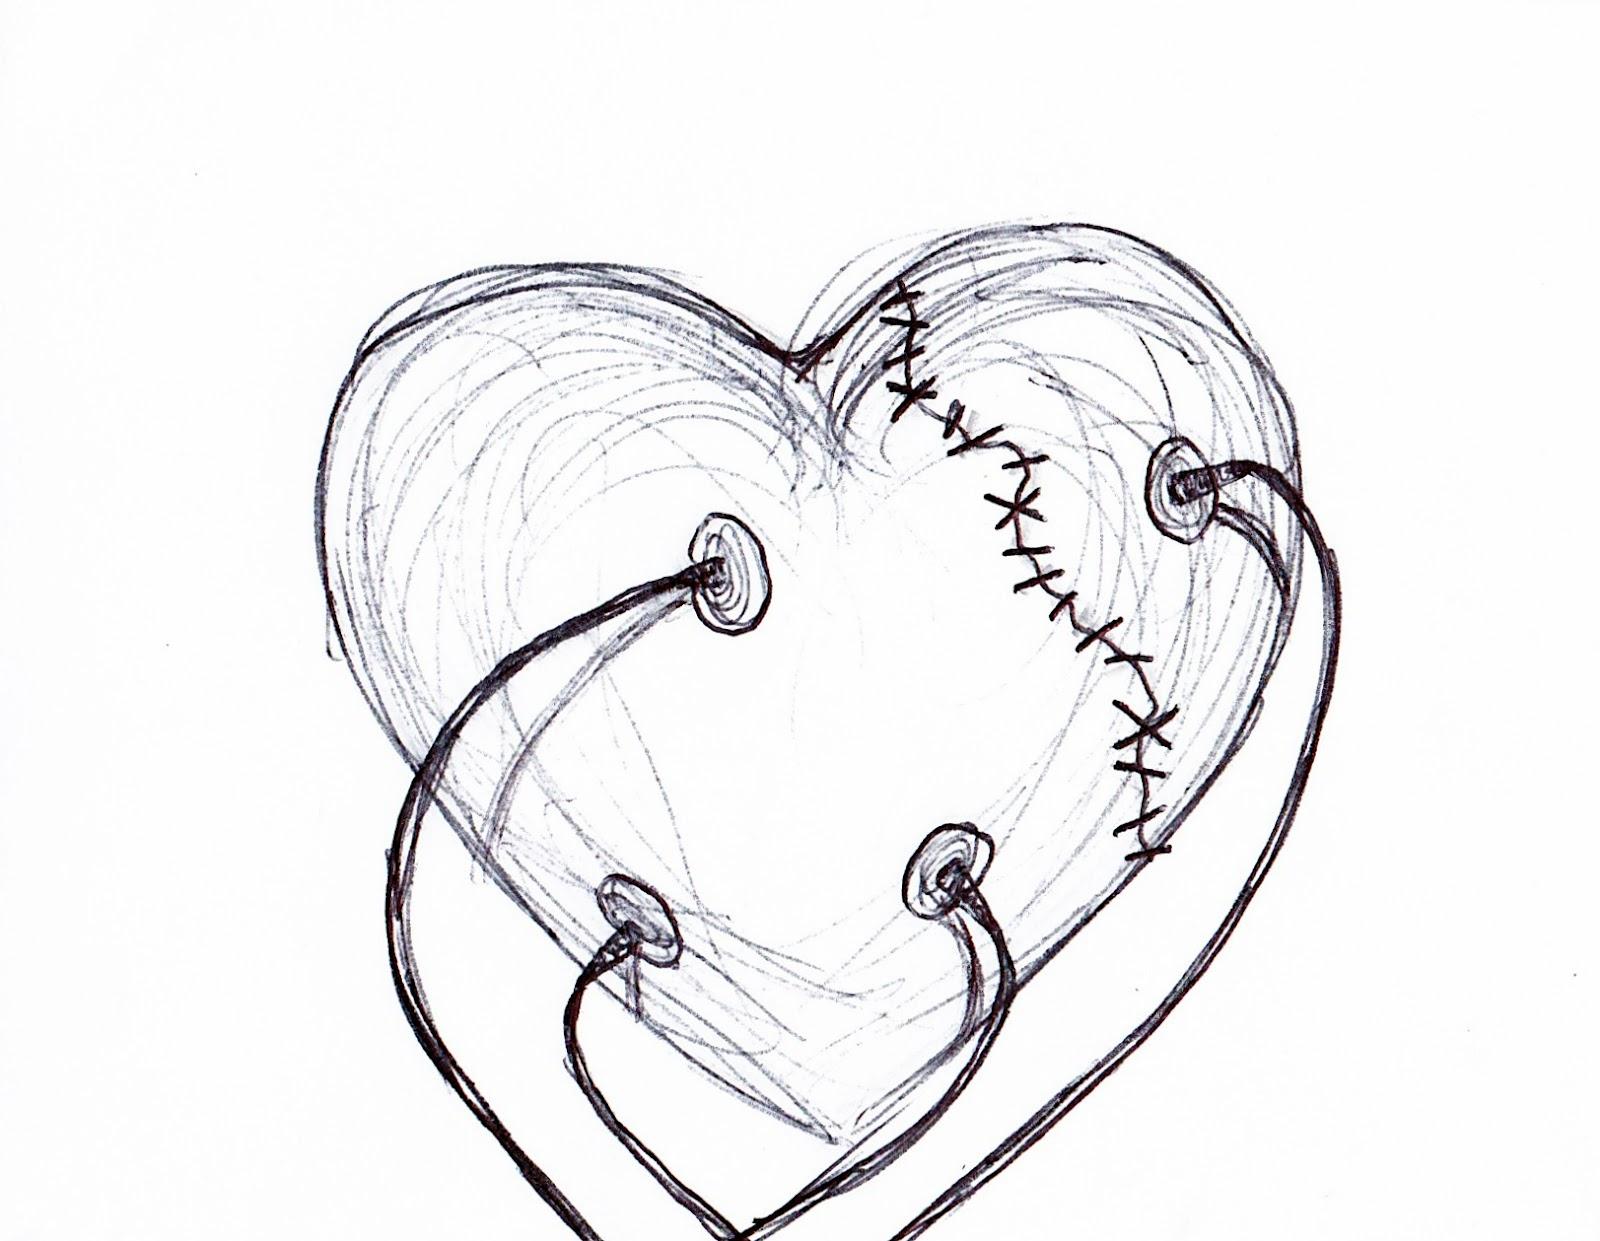 1600x1241 Emo Drawings Step By Step Emo Drawings Of Broken Hearts In Pencil